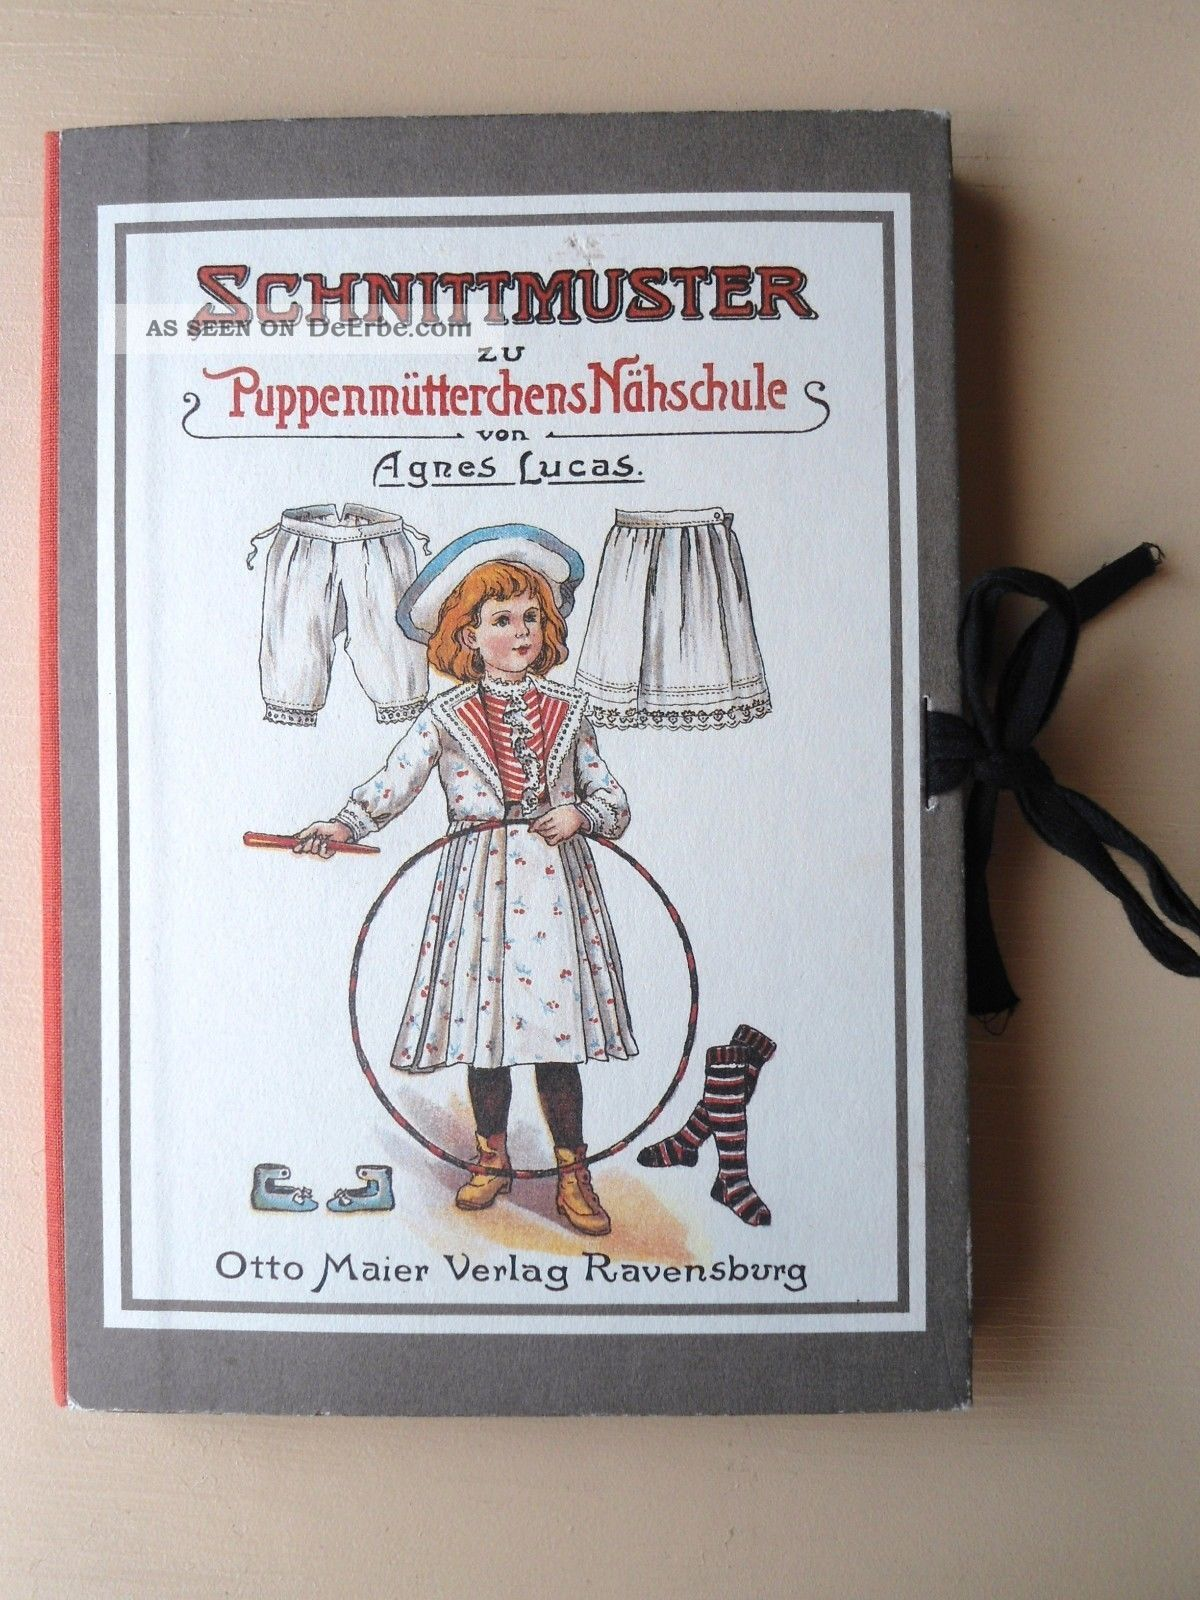 Schnittmuster Zu Puppenmütterchens Nähschule 7 Schnittmuster, Anl ...